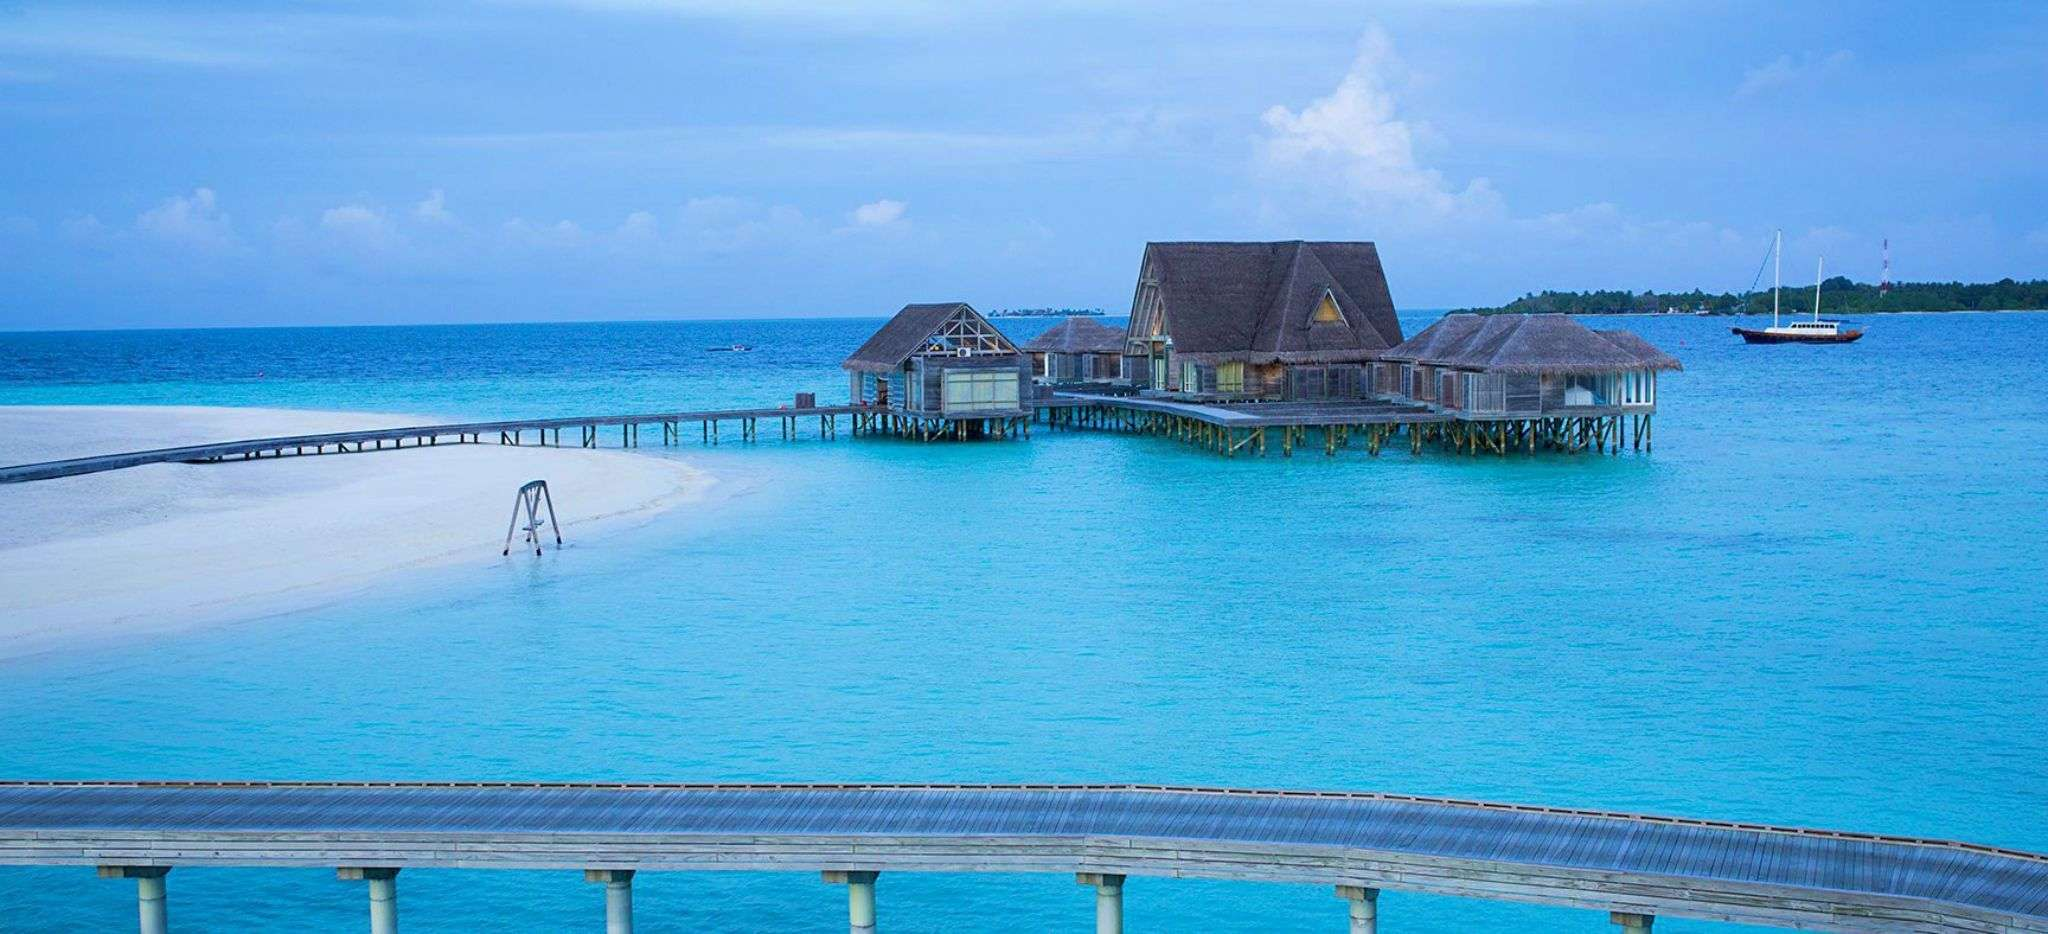 Das Spa des Hotels Anantara Kihava über der Lagune der Malediveninsel